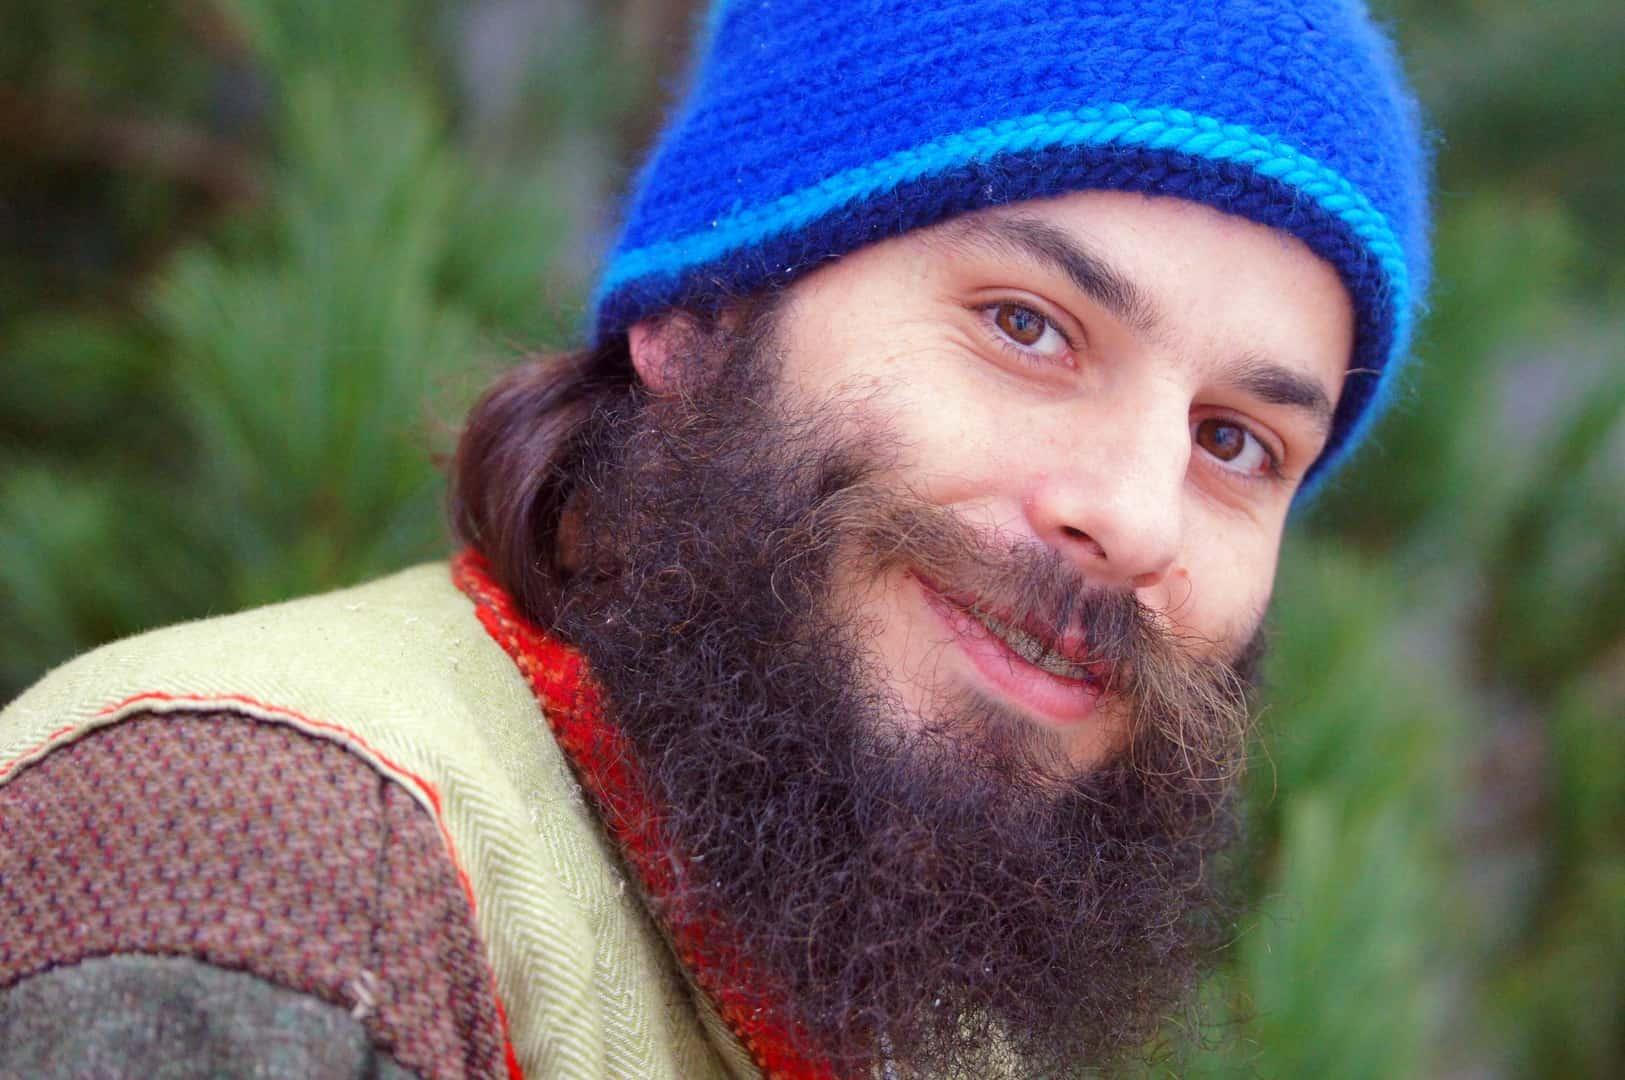 Mann mit lockigem Bart